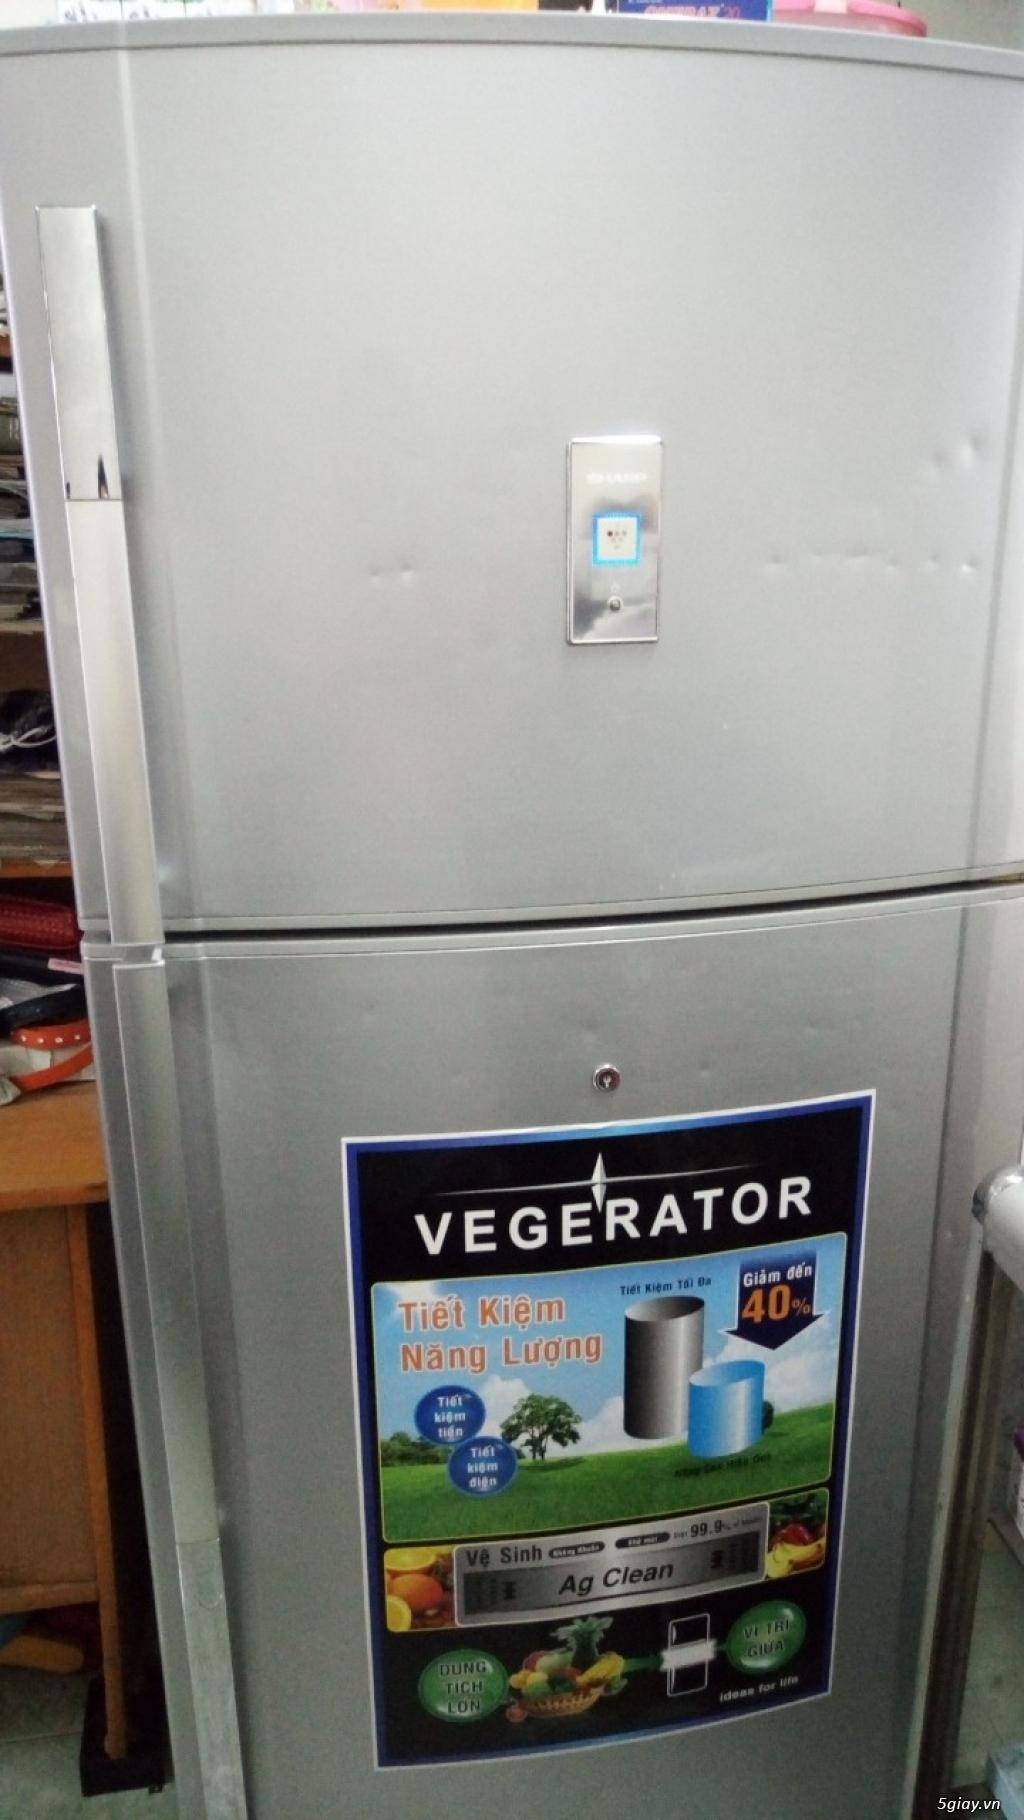 Tủ lạnh Sharp 526lit hoạt động hoàn hảo bán nhanh chật nhà